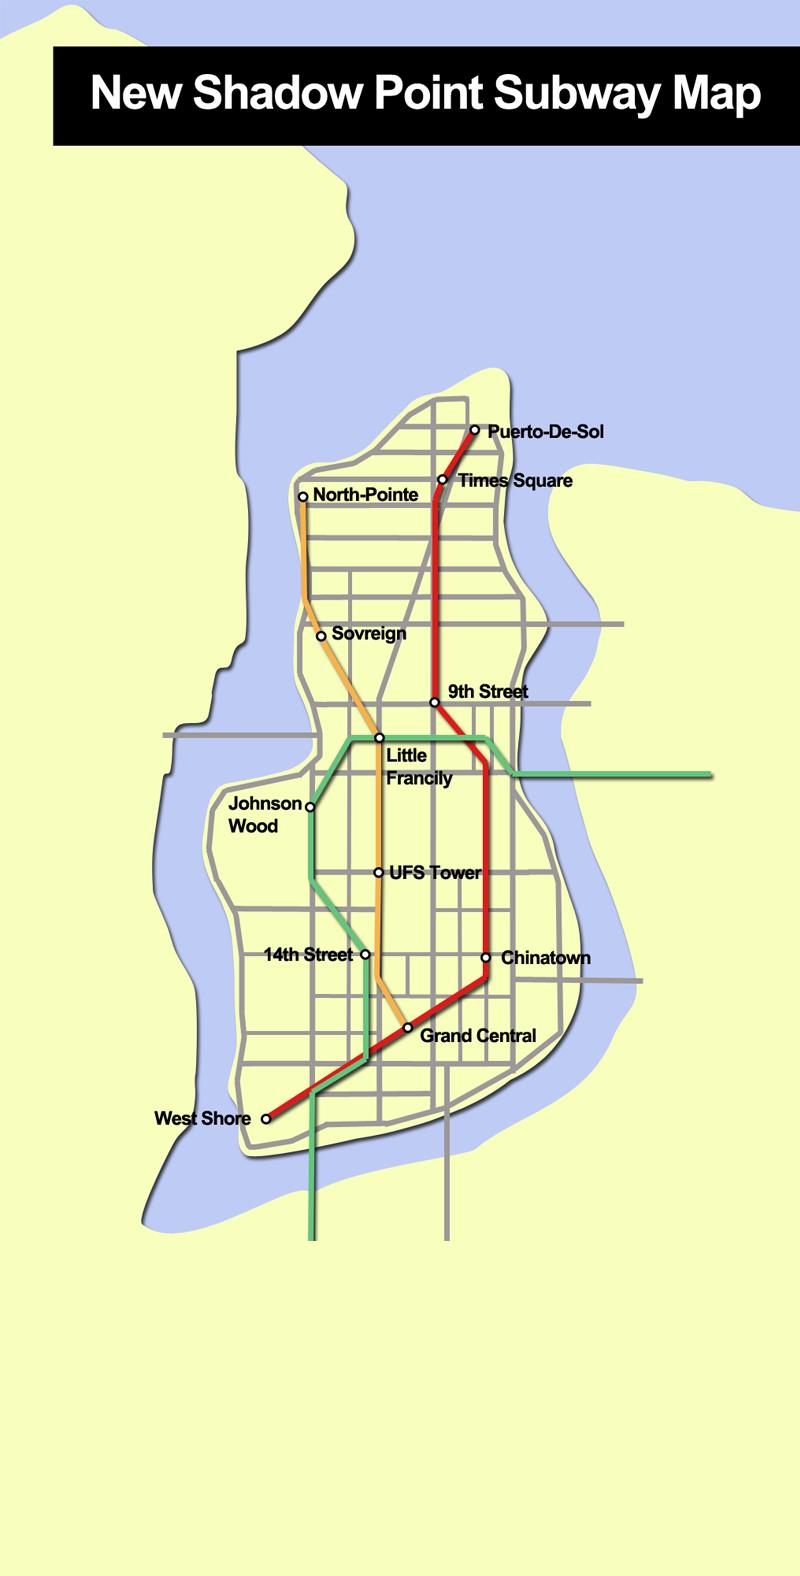 NSP Subway Map